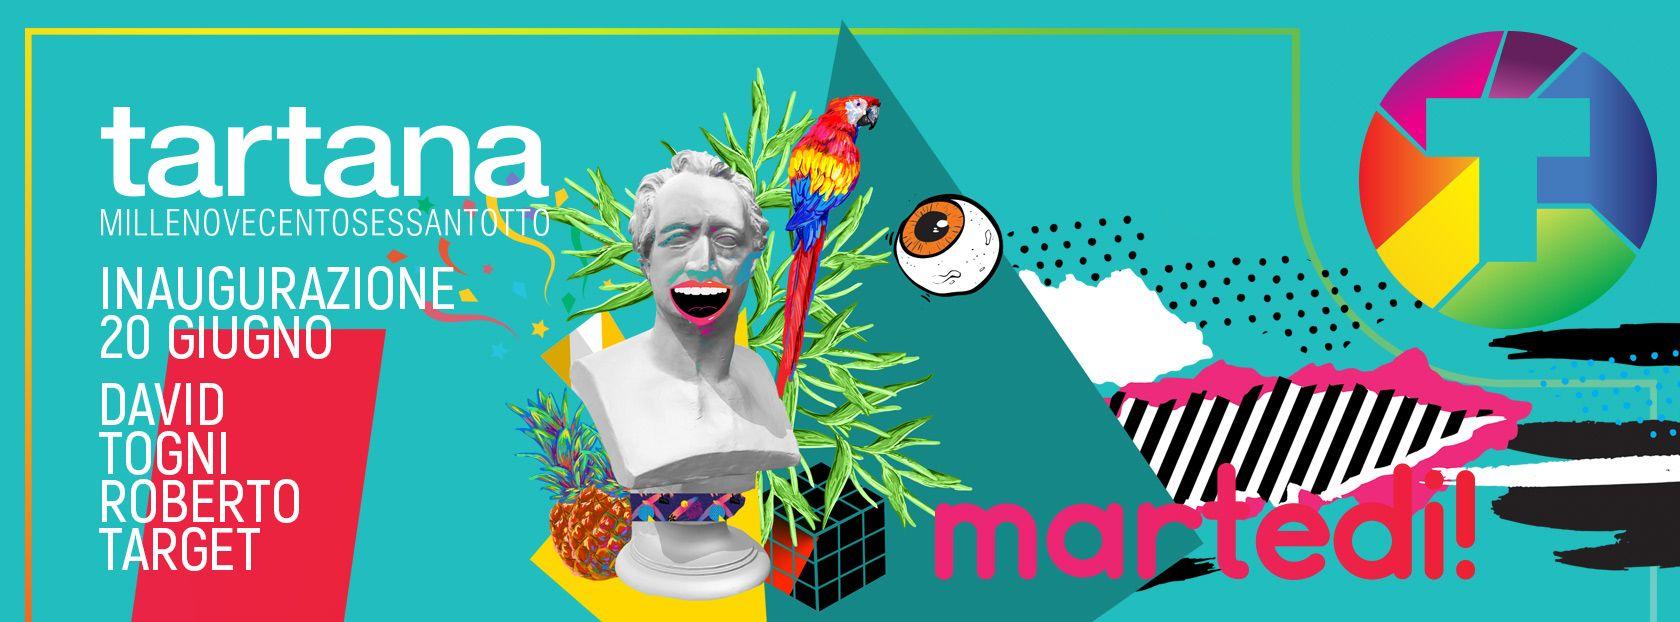 - Inaugurazione MARTEDI Tartana